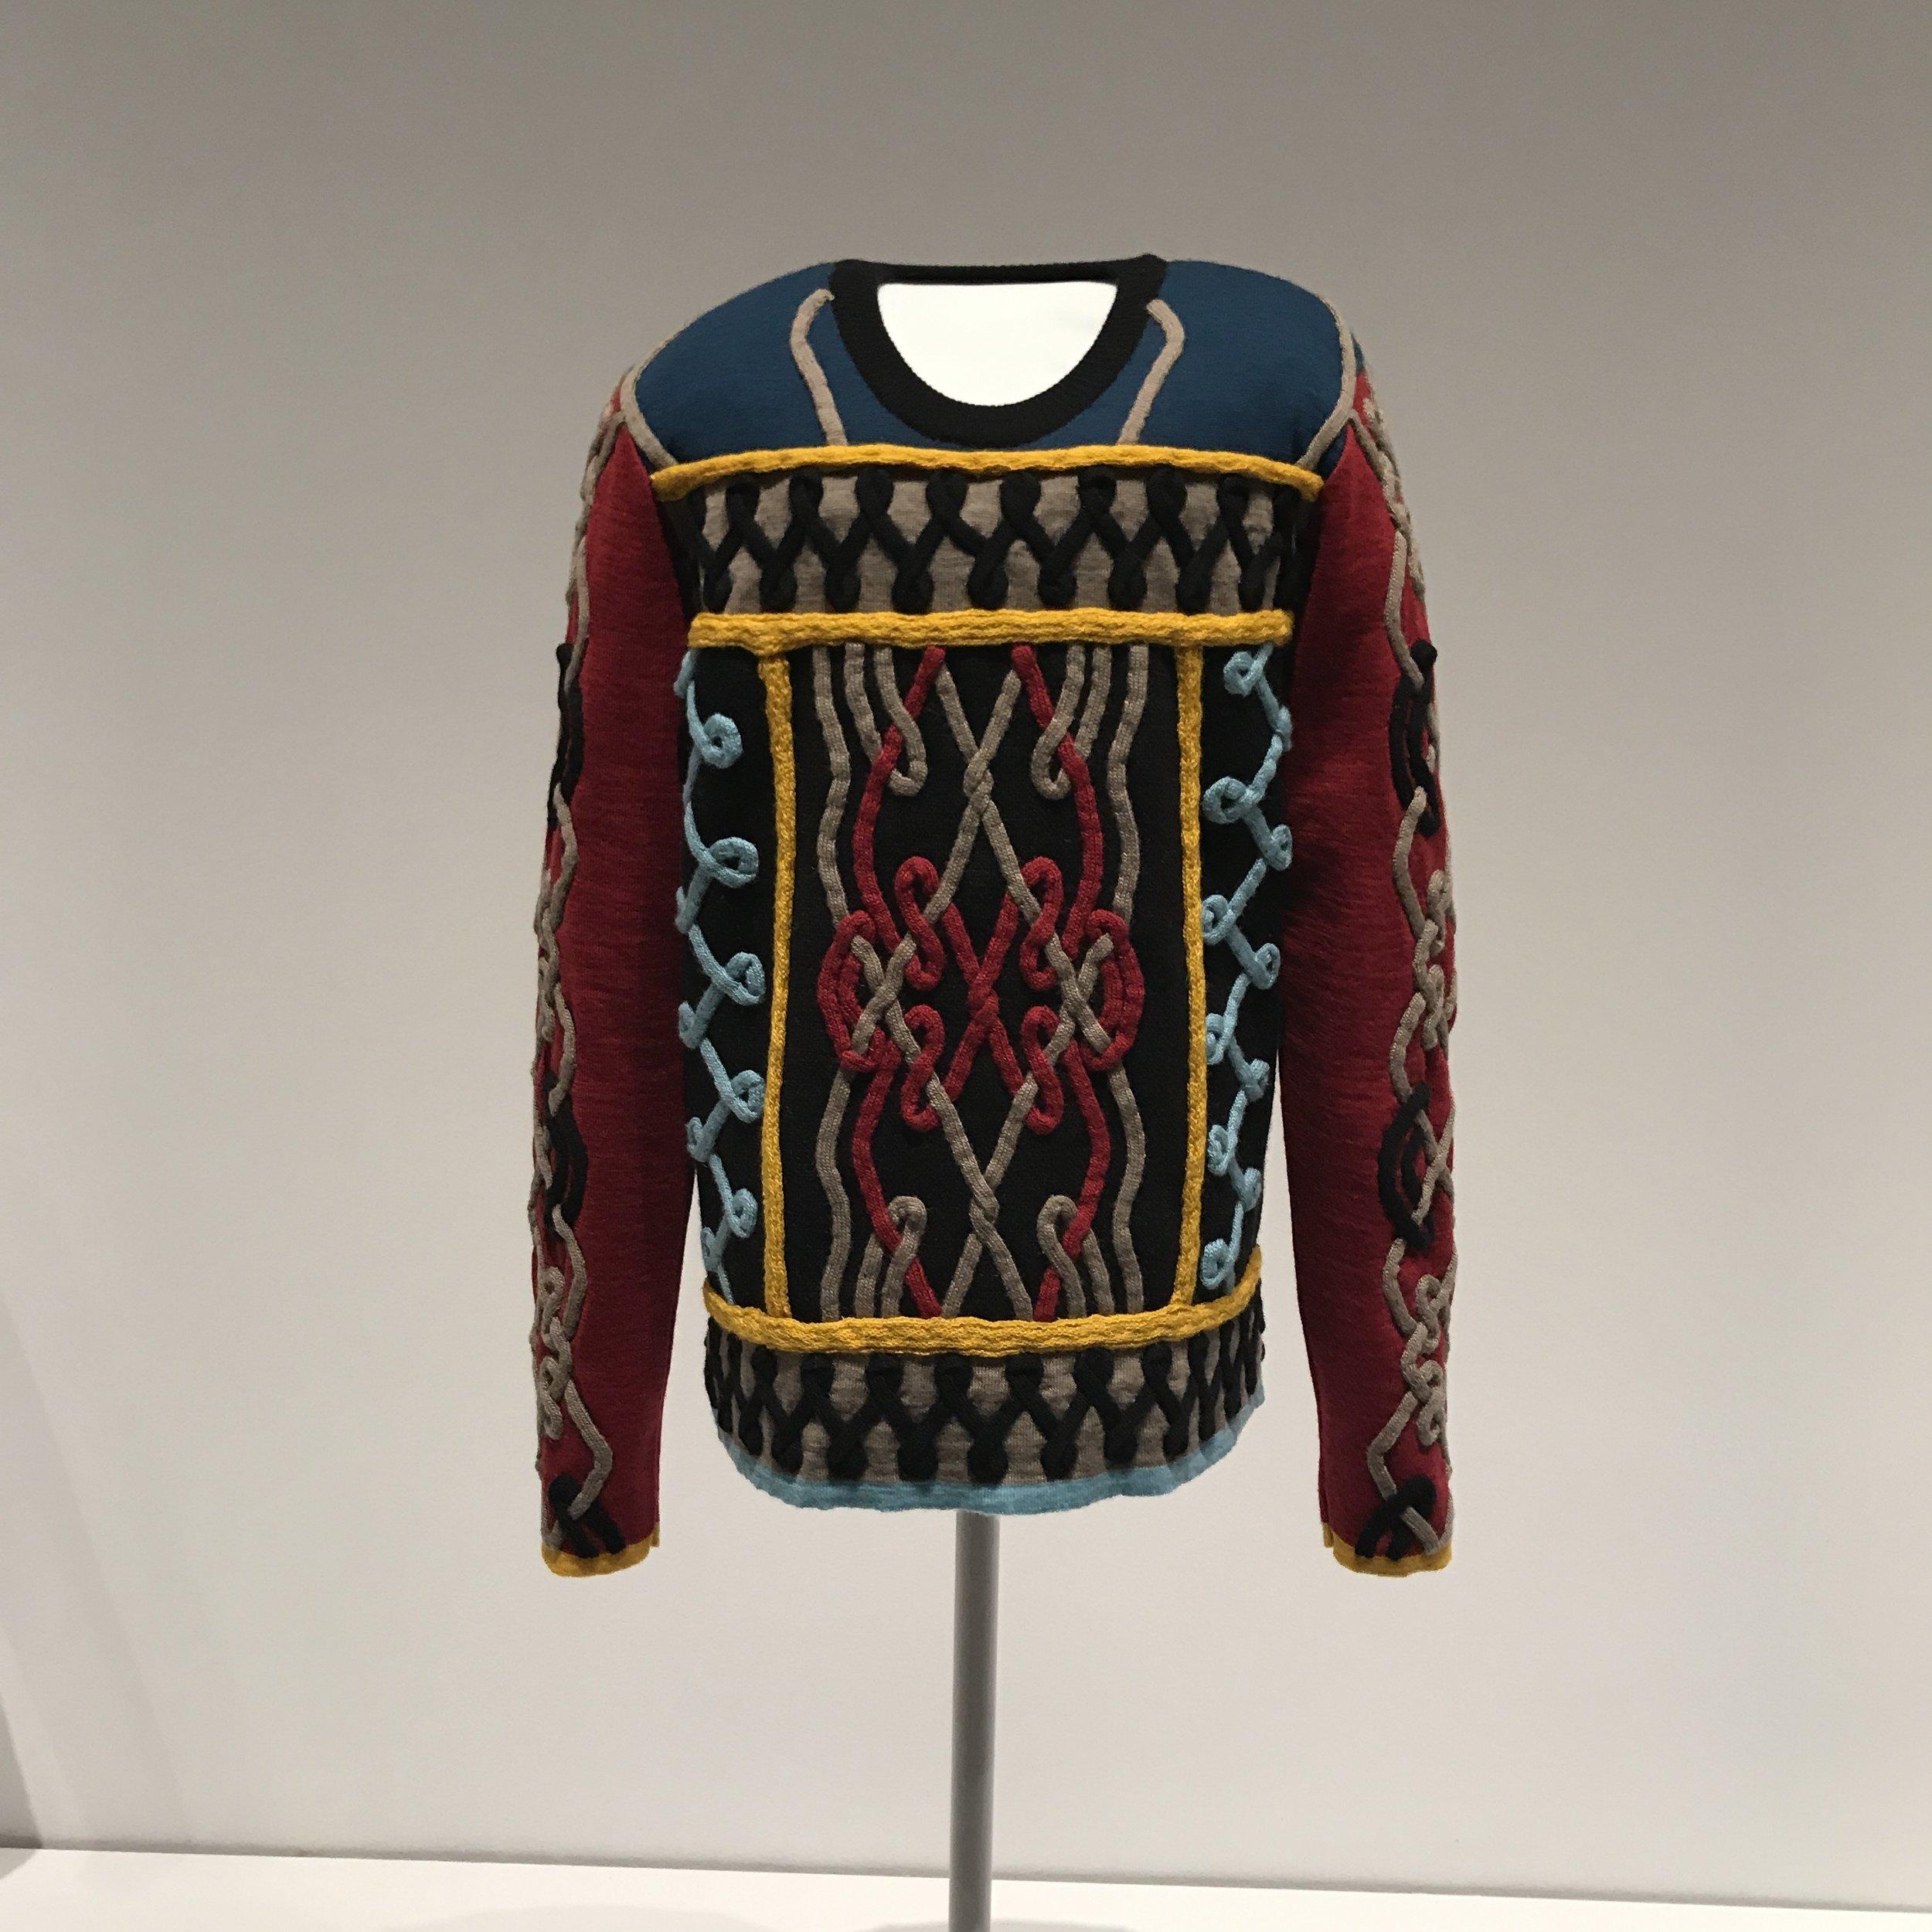 Aran Sweater.Prototype commission by Laduma Ngxokolo